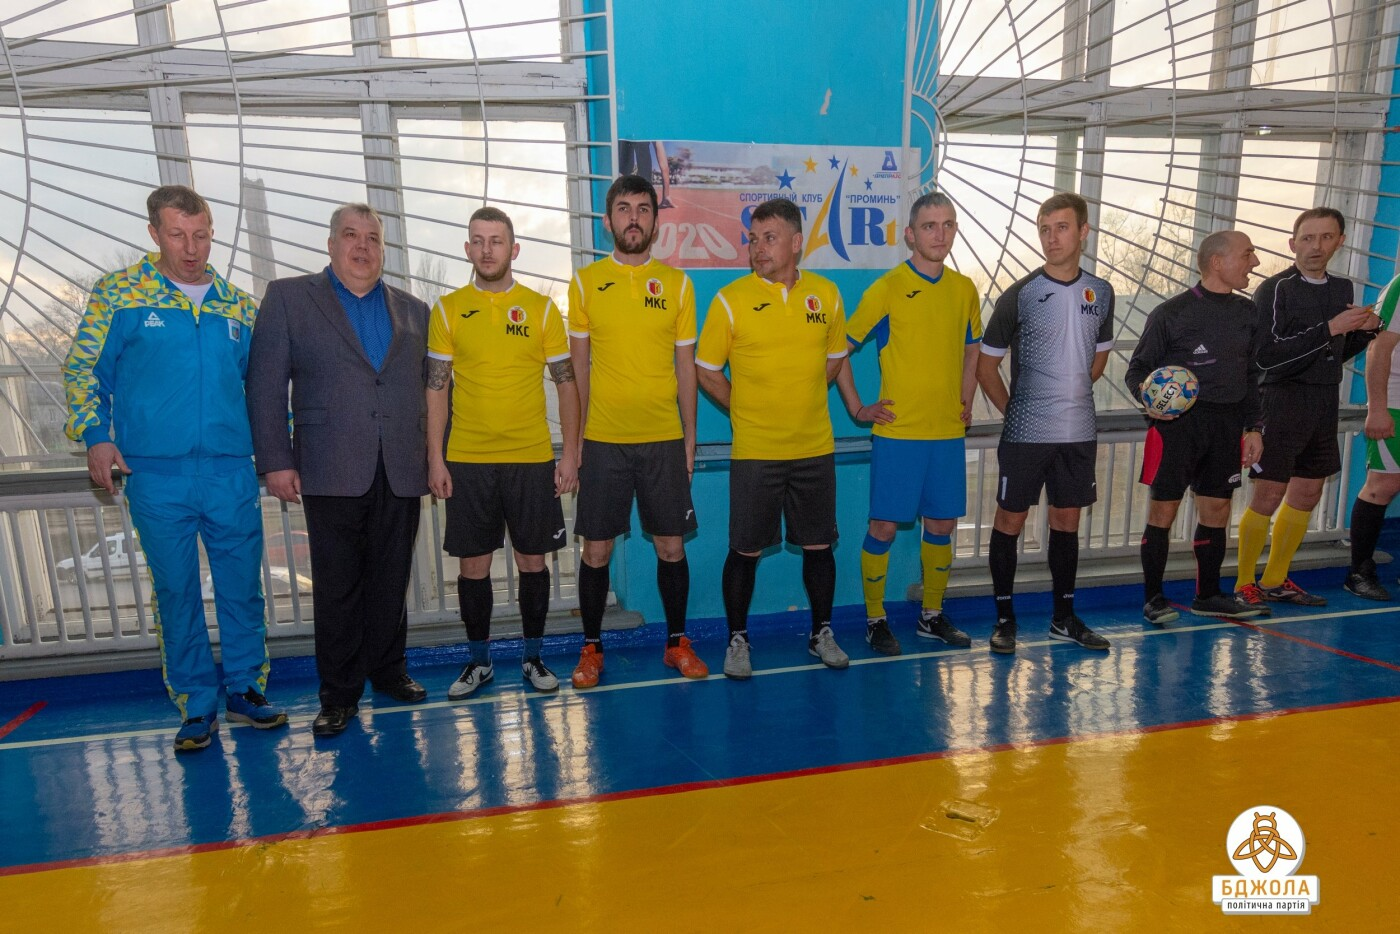 В Кам'янському пройшла череда спортивних заходів за підтримки «Бджоли», фото-5